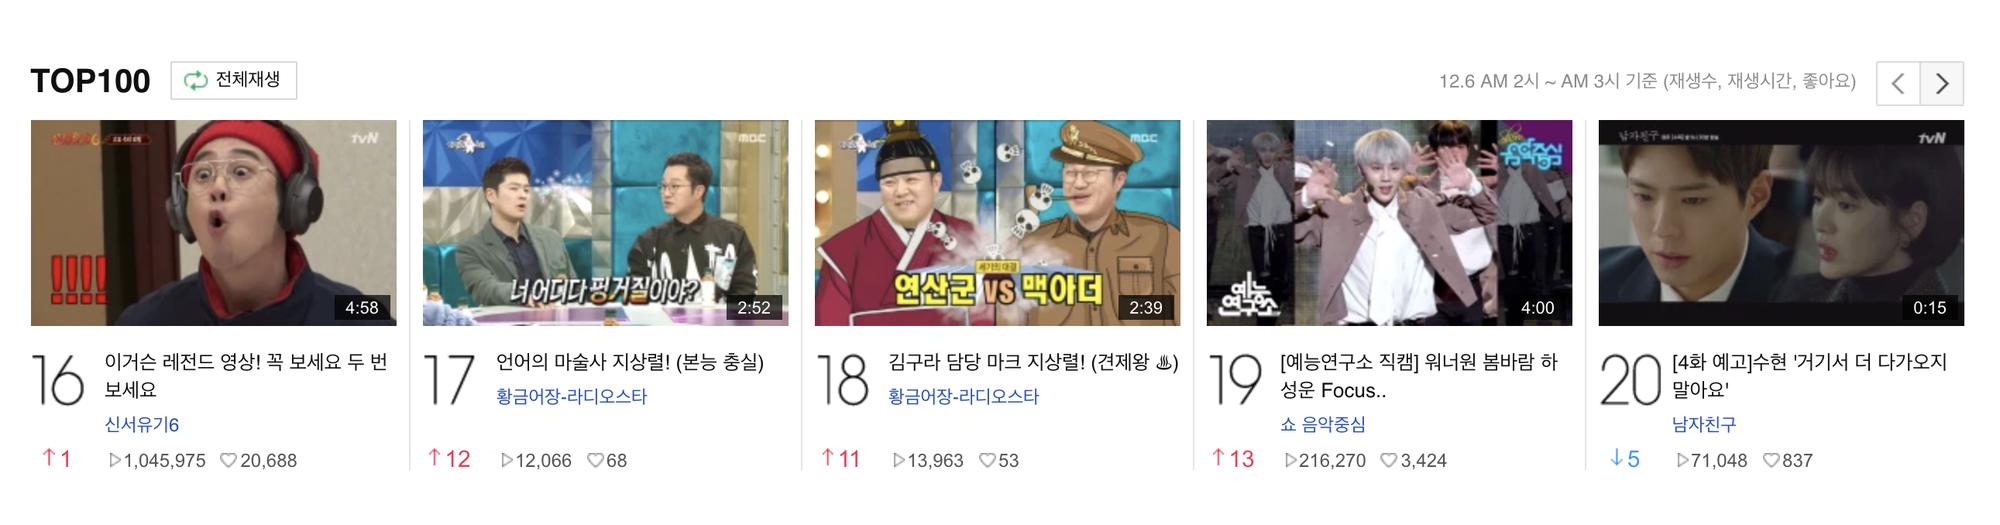 """Rating của """"Encounter"""" giảm nhẹ ngay cả khi Park Bo Gum nói nhớ Song Hye Kyo - Ảnh 8."""